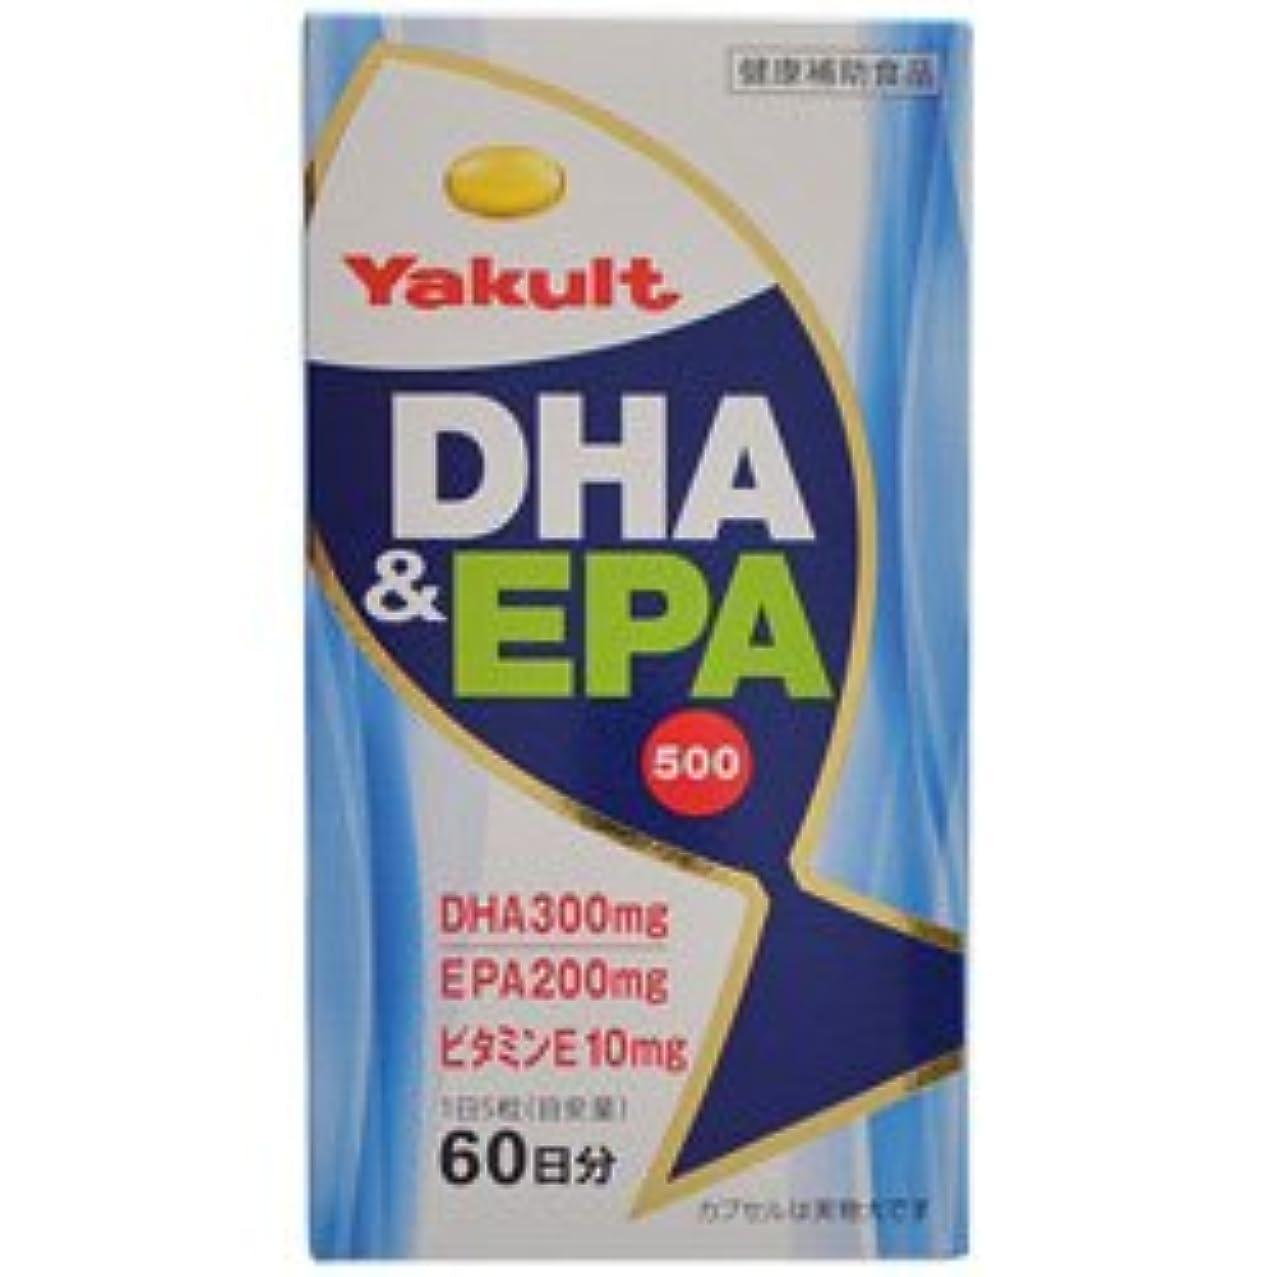 発揮するウールエンターテインメント【ヤクルトヘルスフーズ】DHA&EPA 500 300粒 ×3個セット